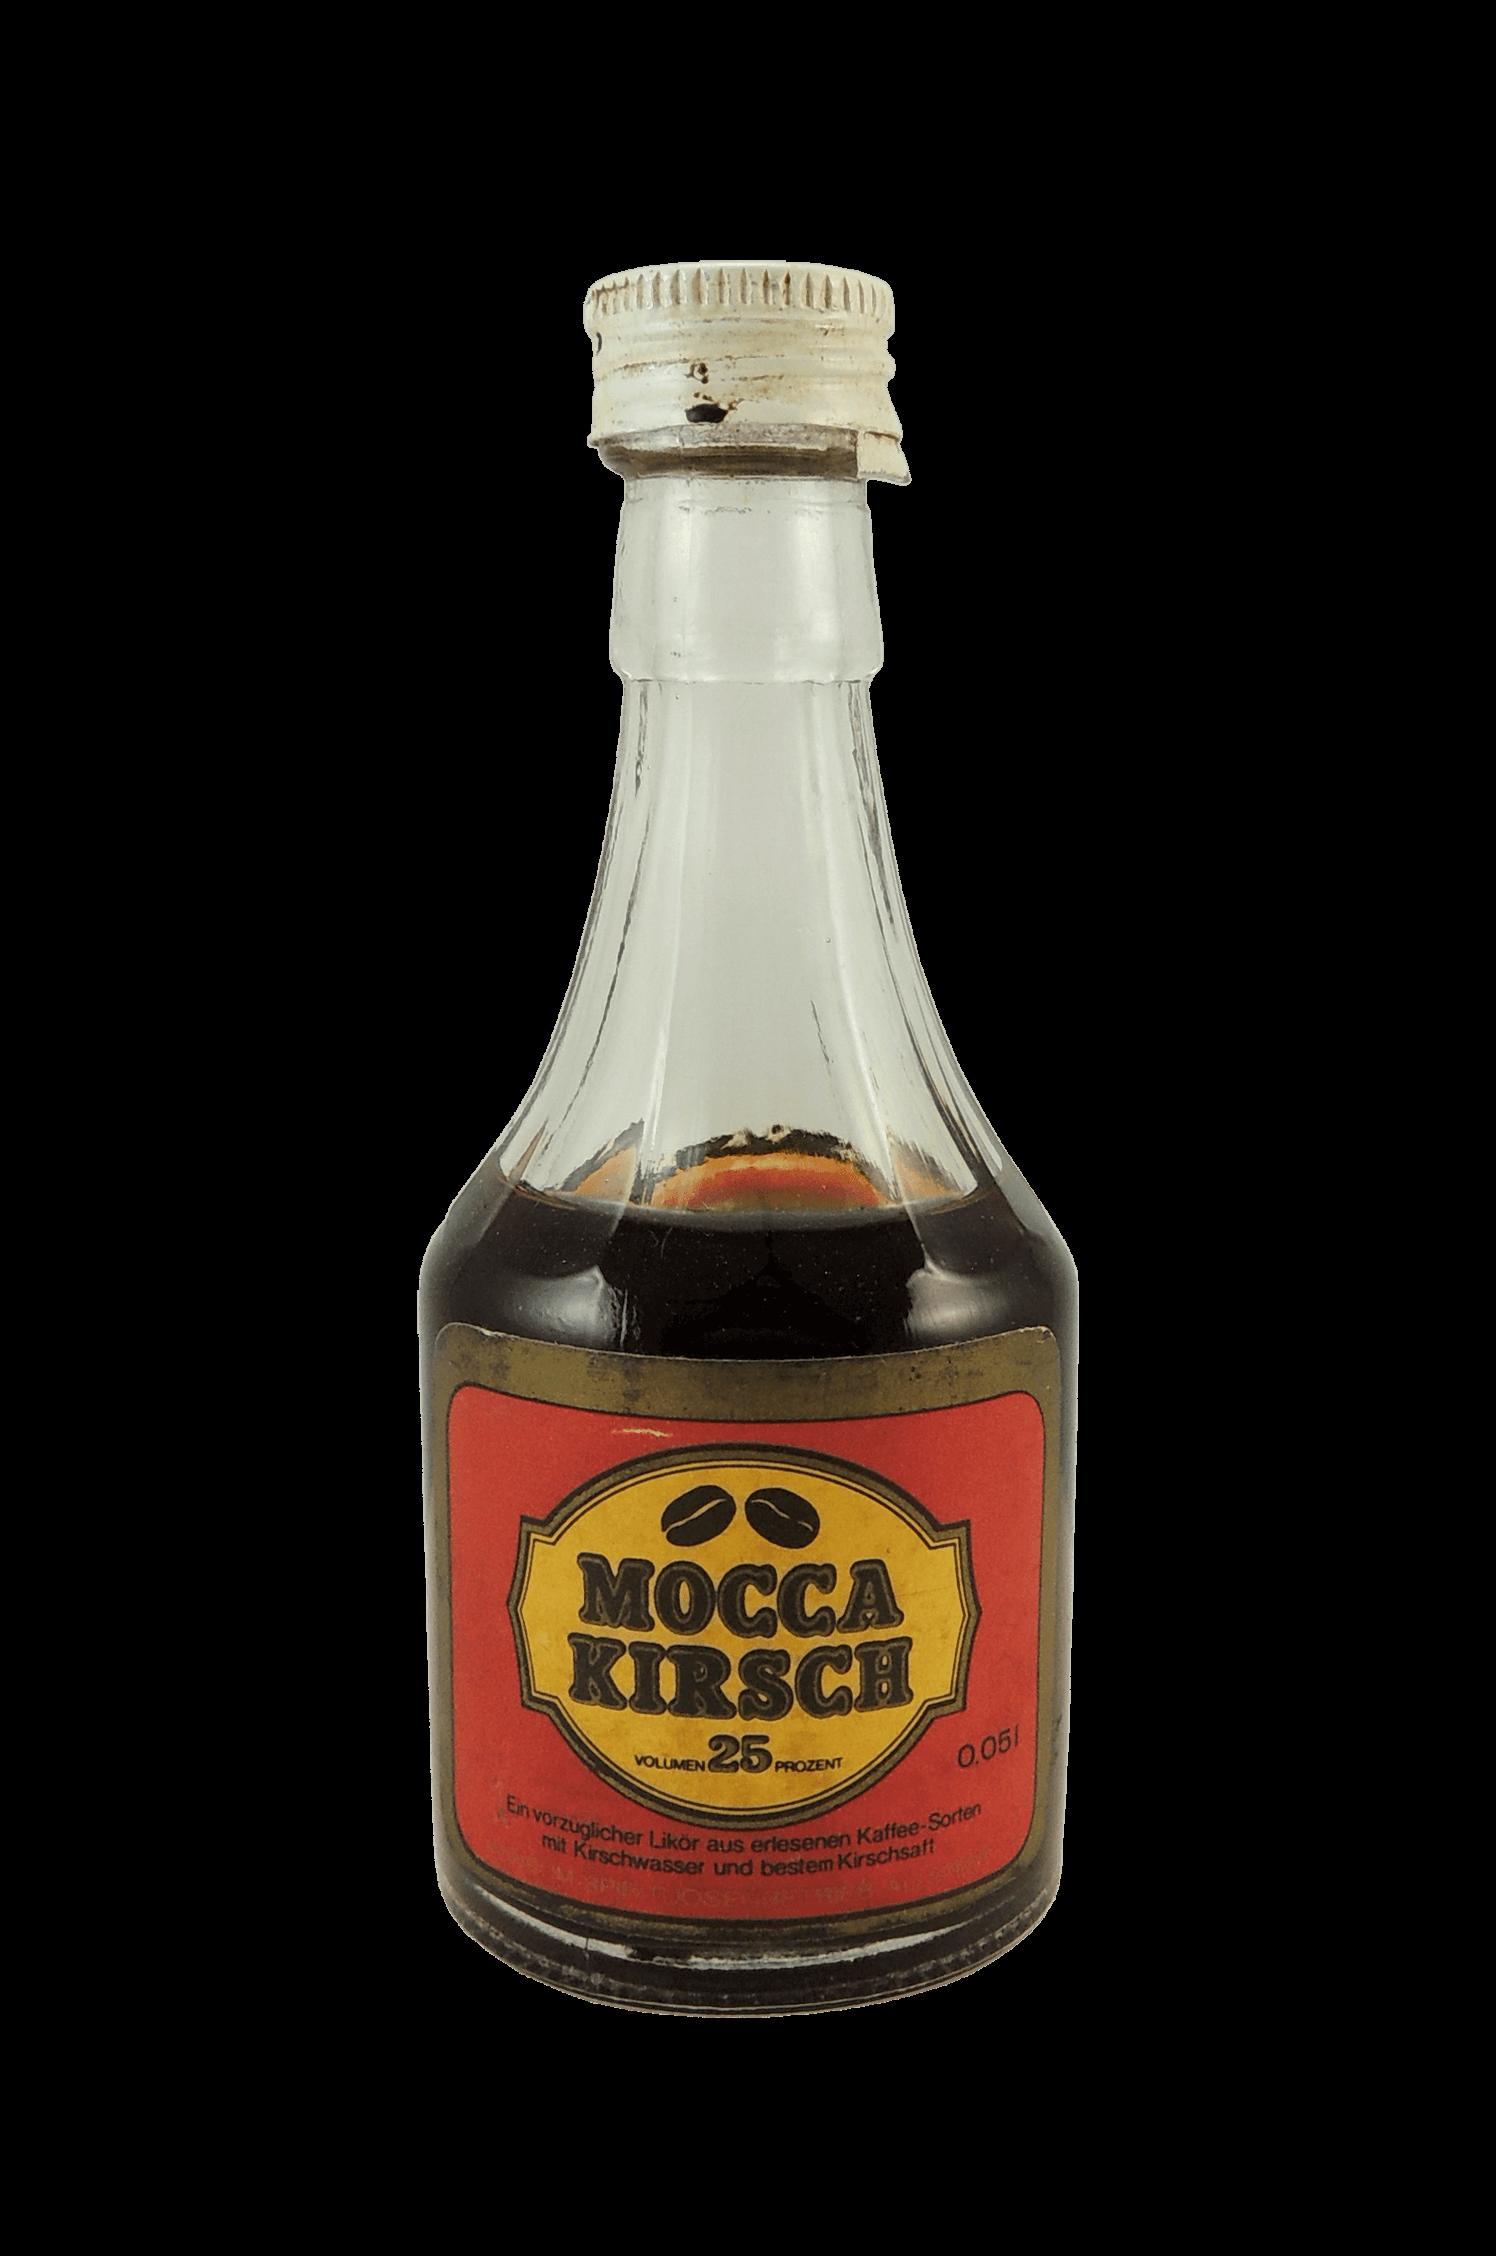 Mocca Kirsch